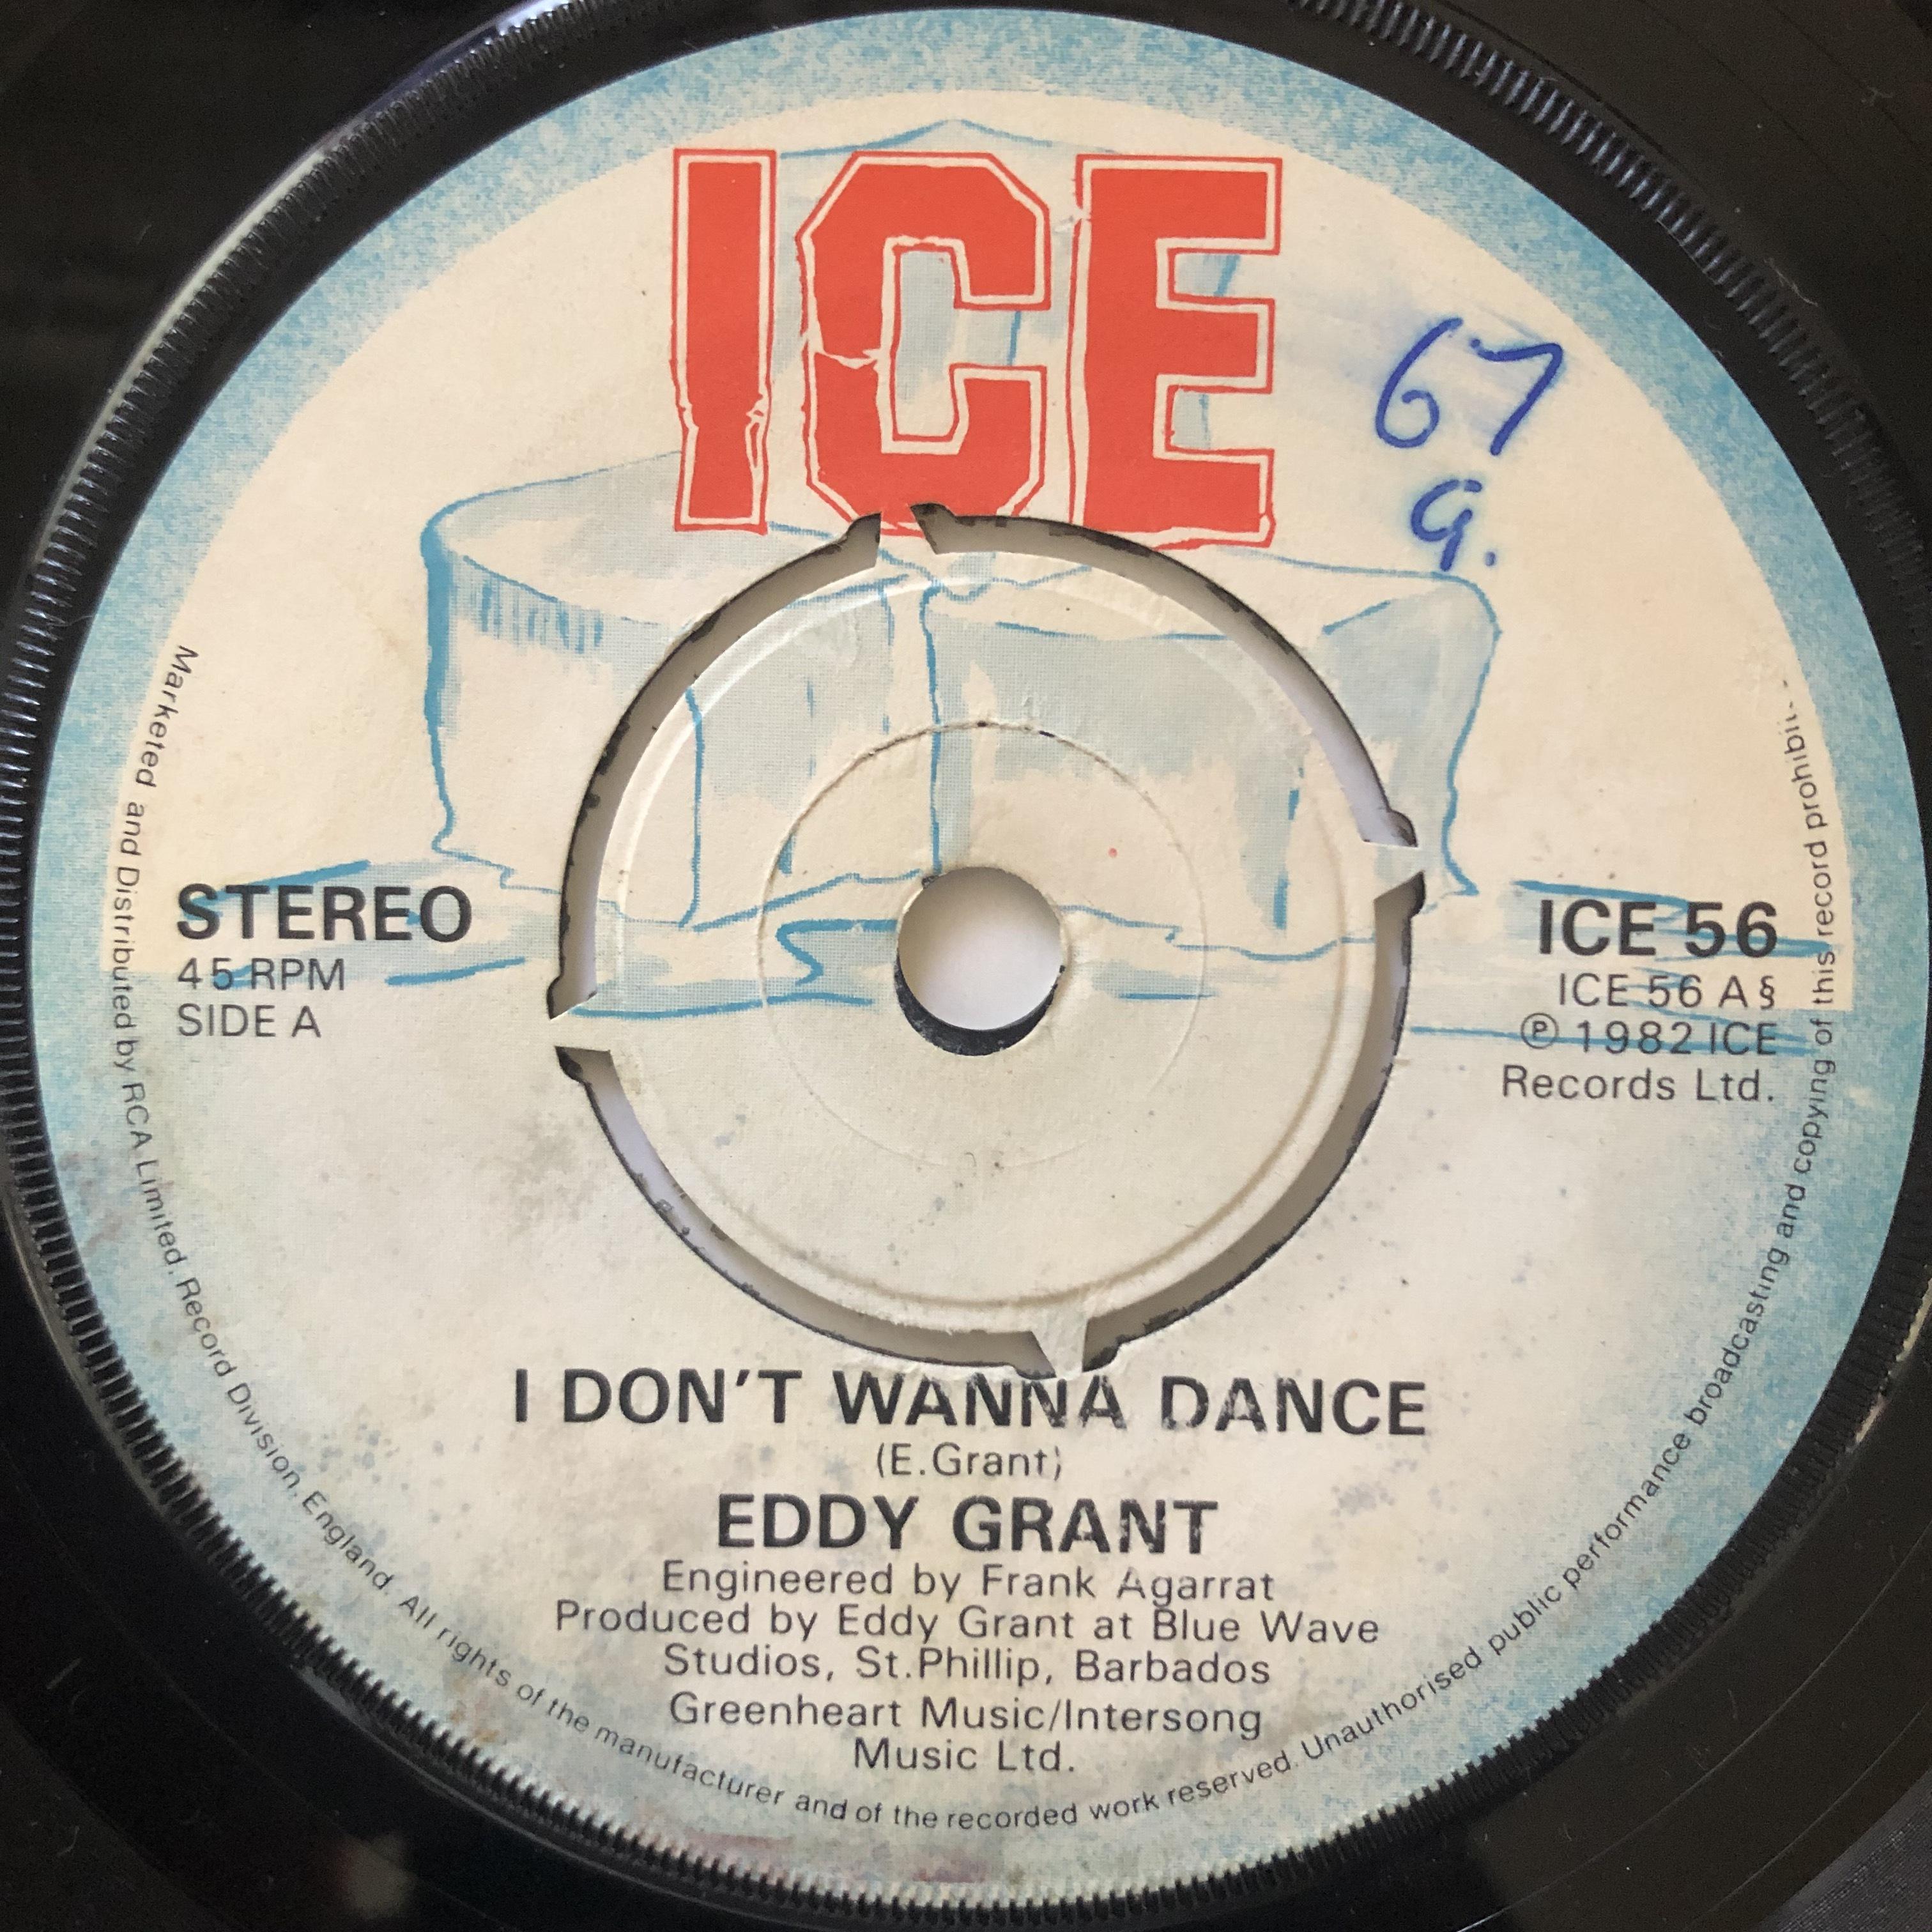 Eddy Grant - I Don't Wanna Dance【7-20648】